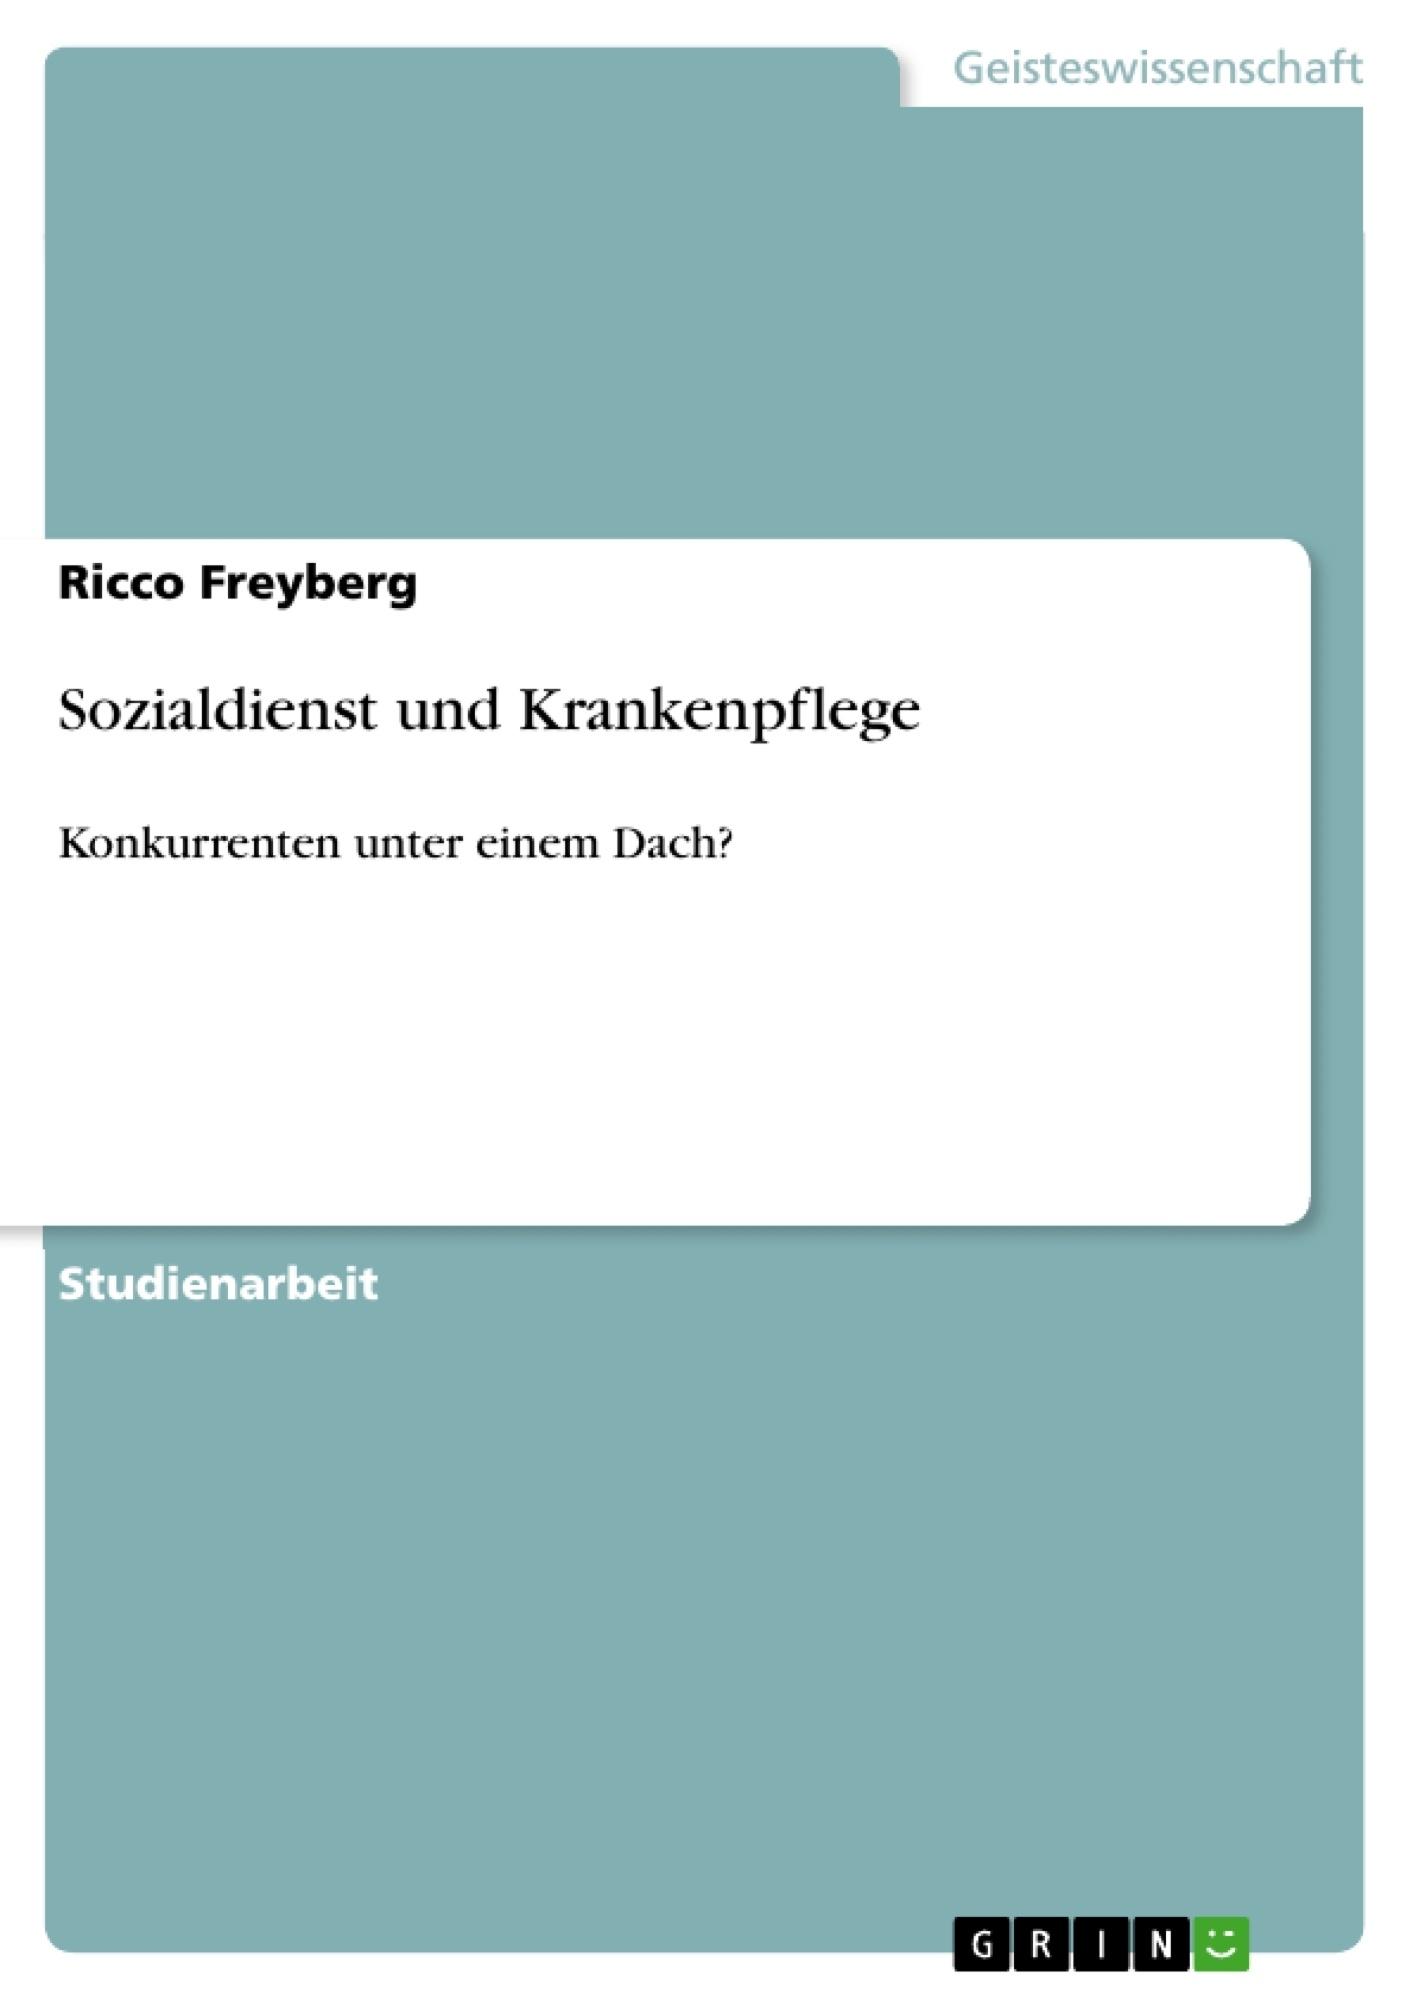 Titel: Sozialdienst und Krankenpflege